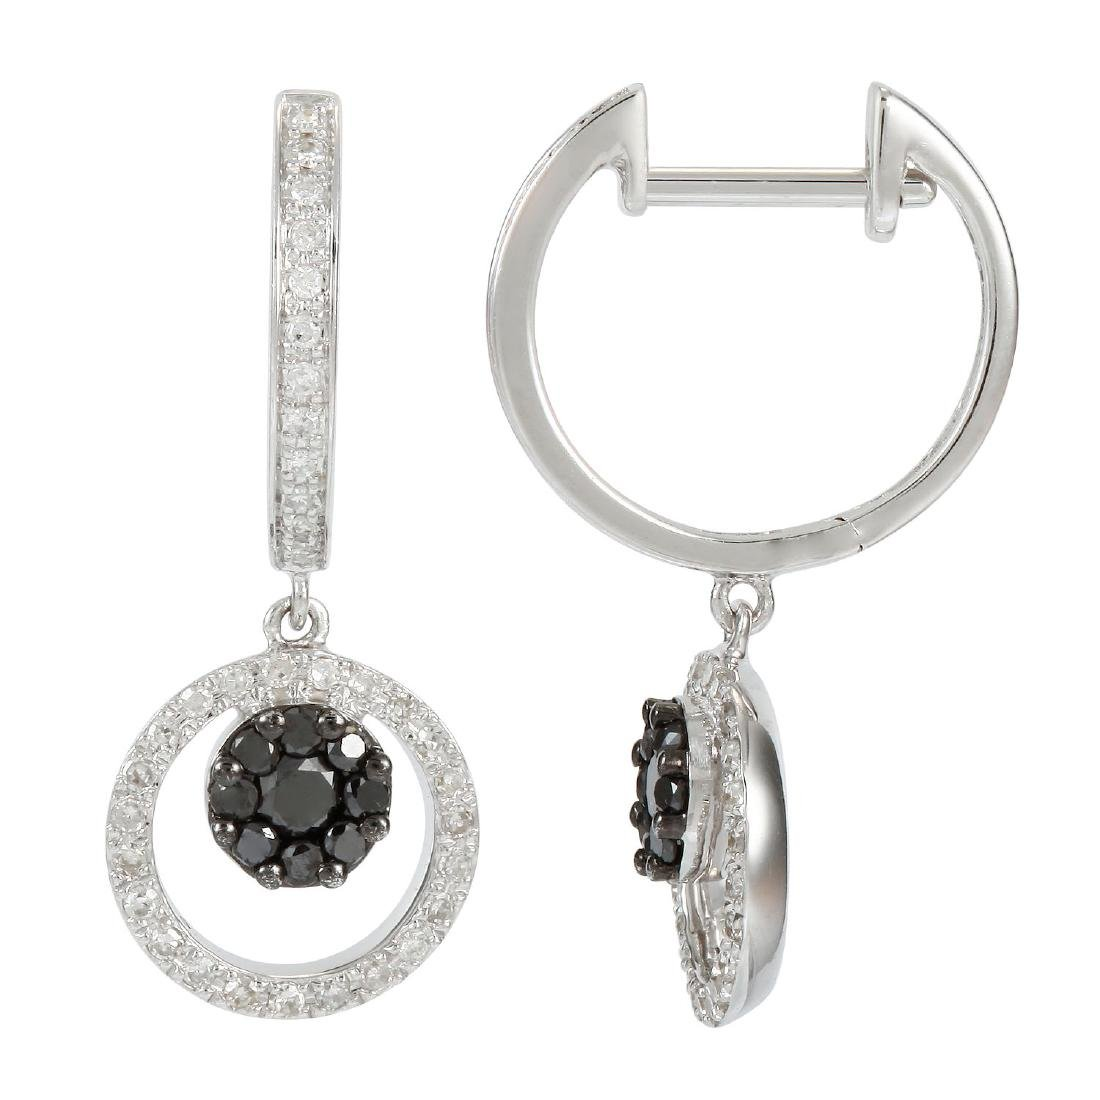 14KT White Gold 0.44ctw Diamond Earrings L6207